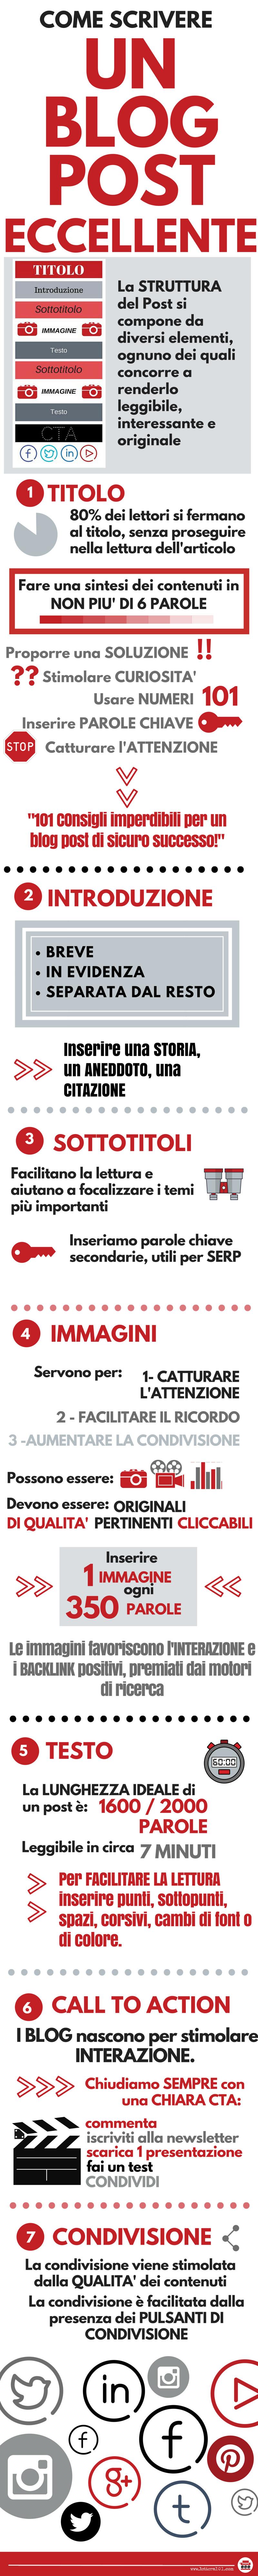 Infografica_come fare un Blog Post